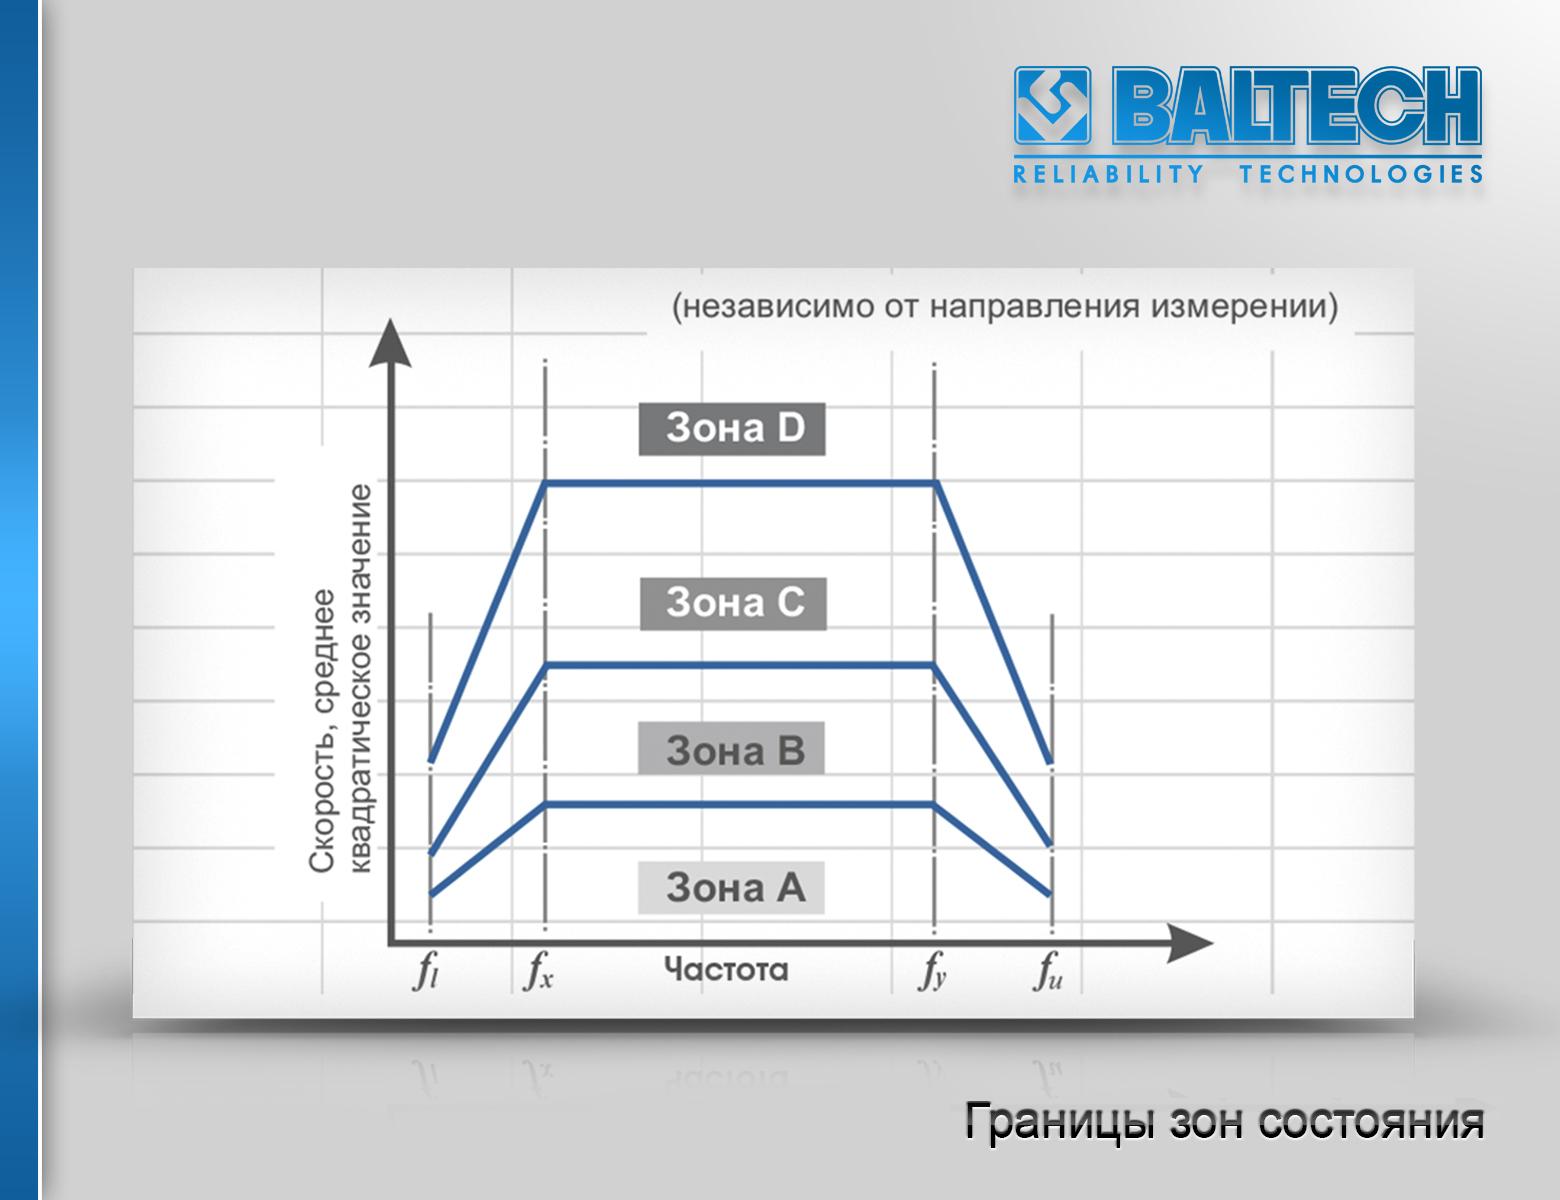 Виброконтроль, методика виброконтроля, пьезоэлектрические датчики вибрации, аппаратура виброконтроля, датчики виброконтроля, нормы